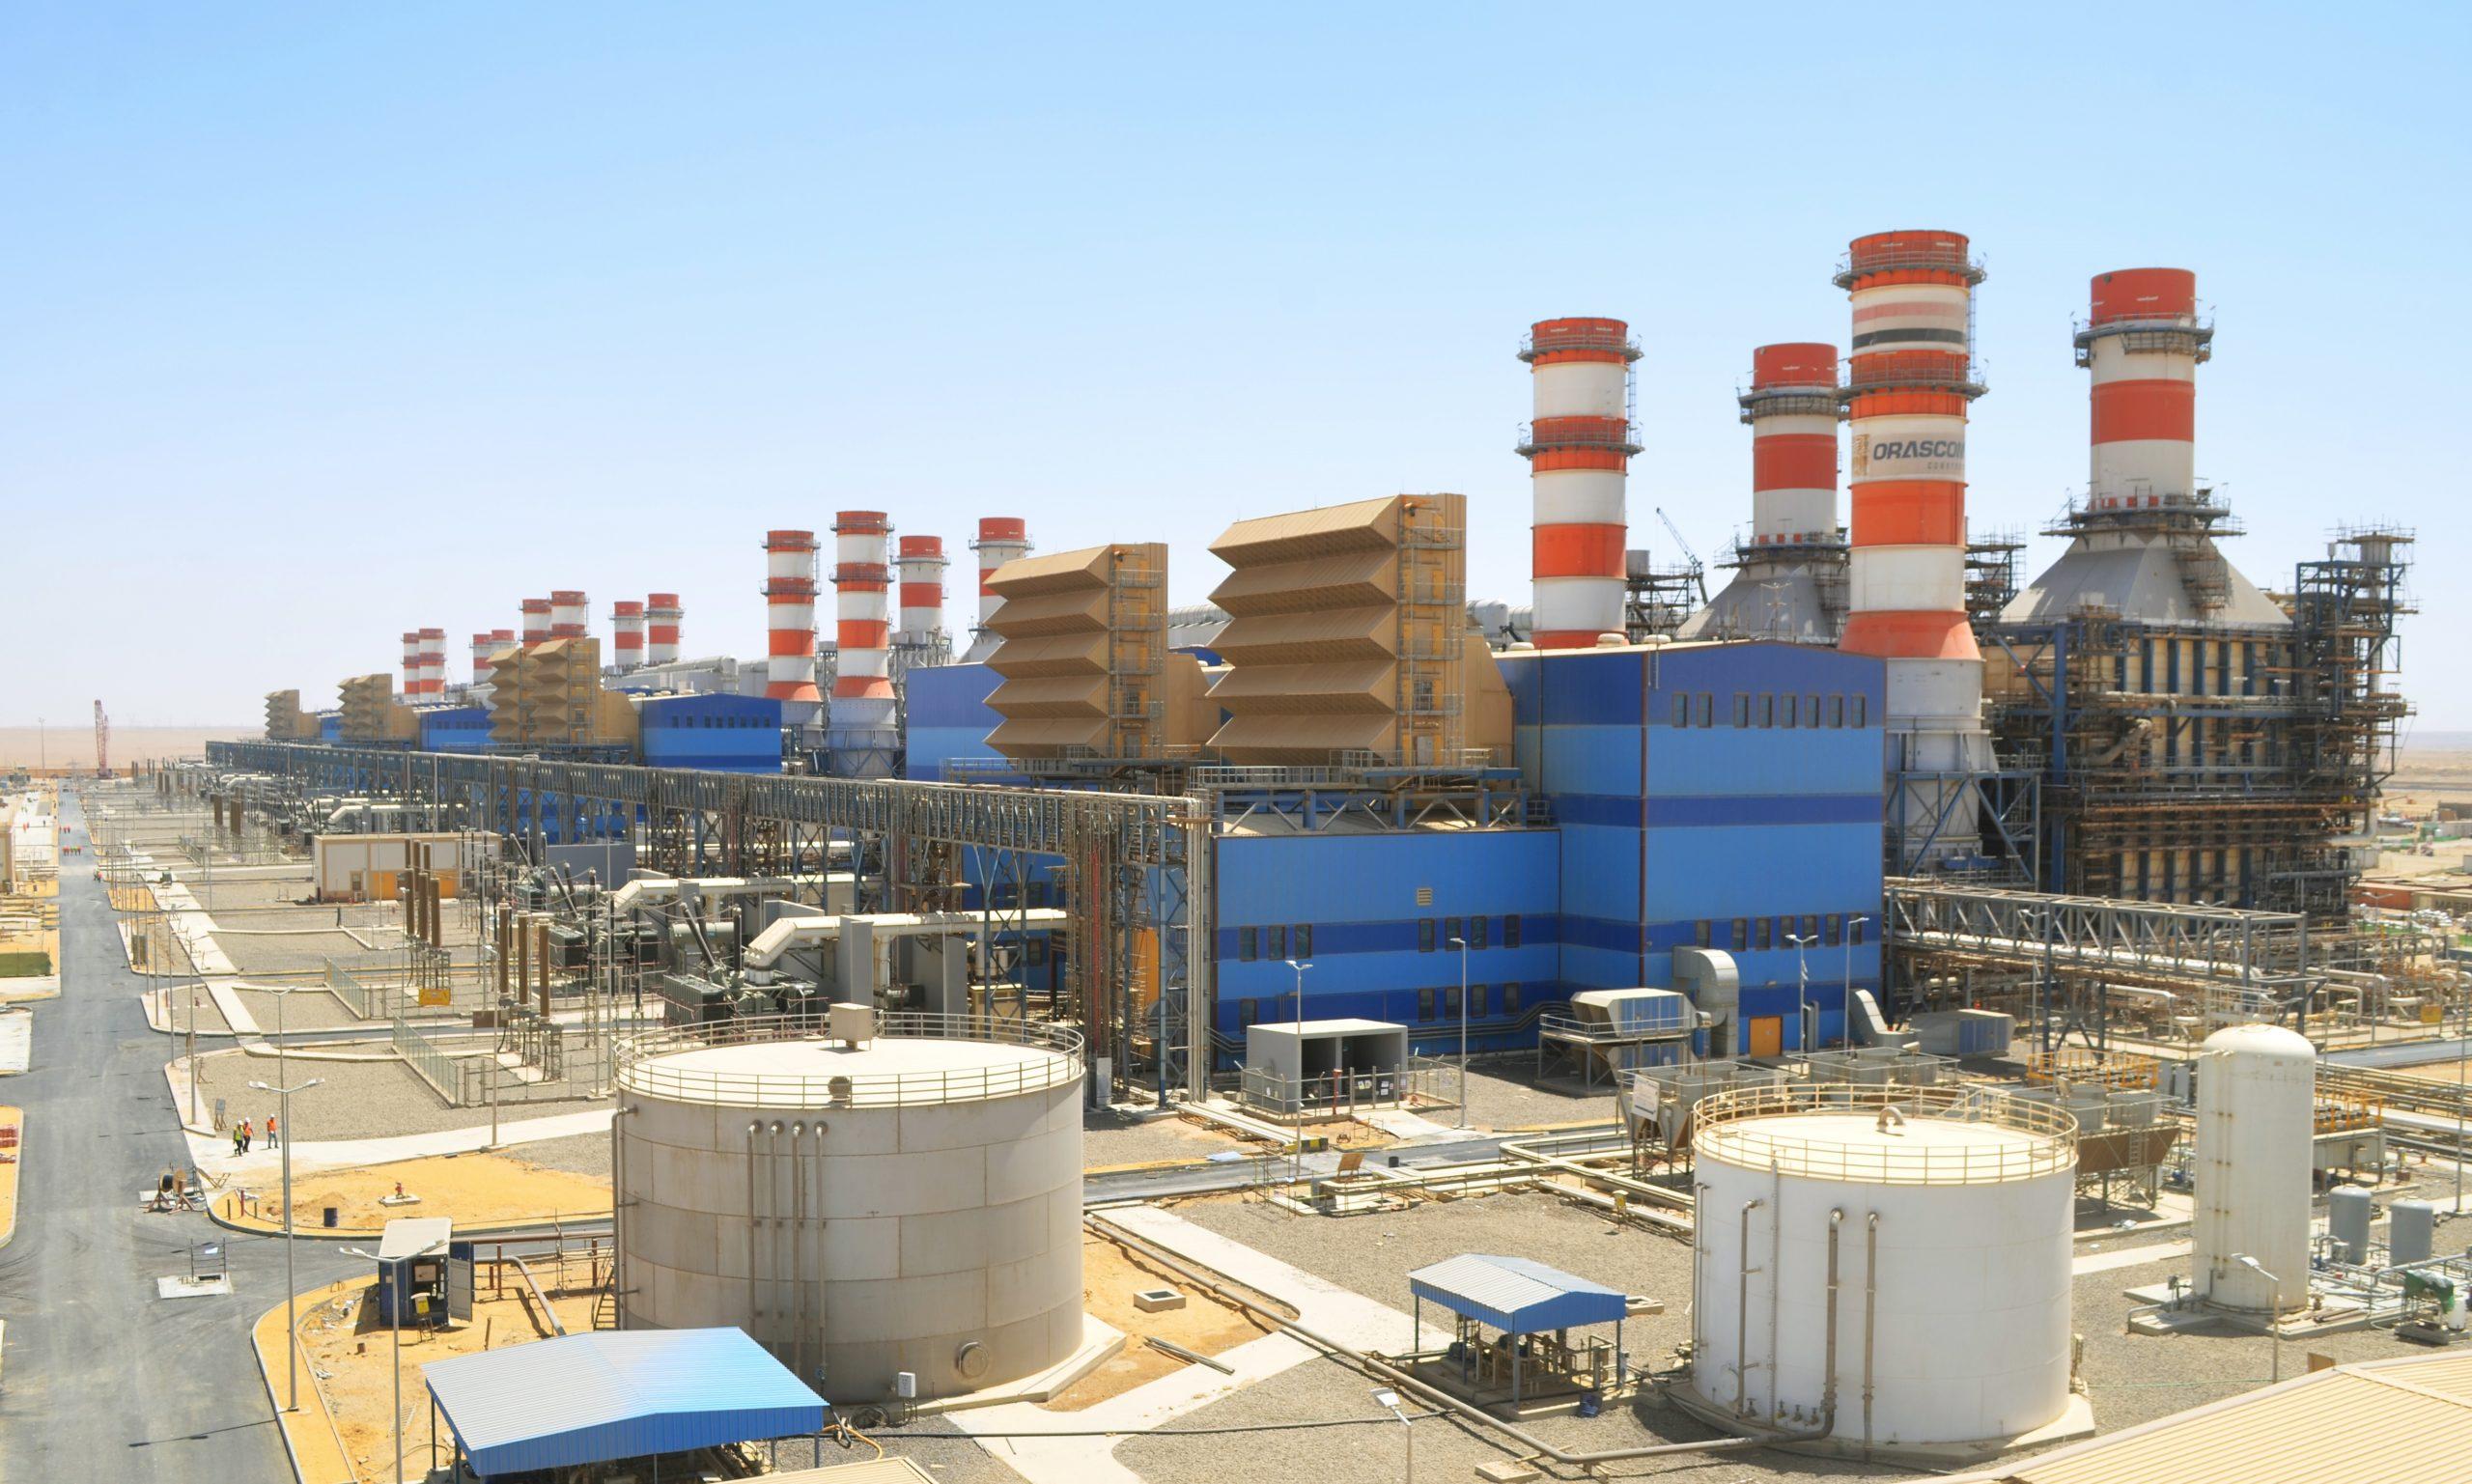 محطة كهرباء العاصمة الإدارية فى مصر